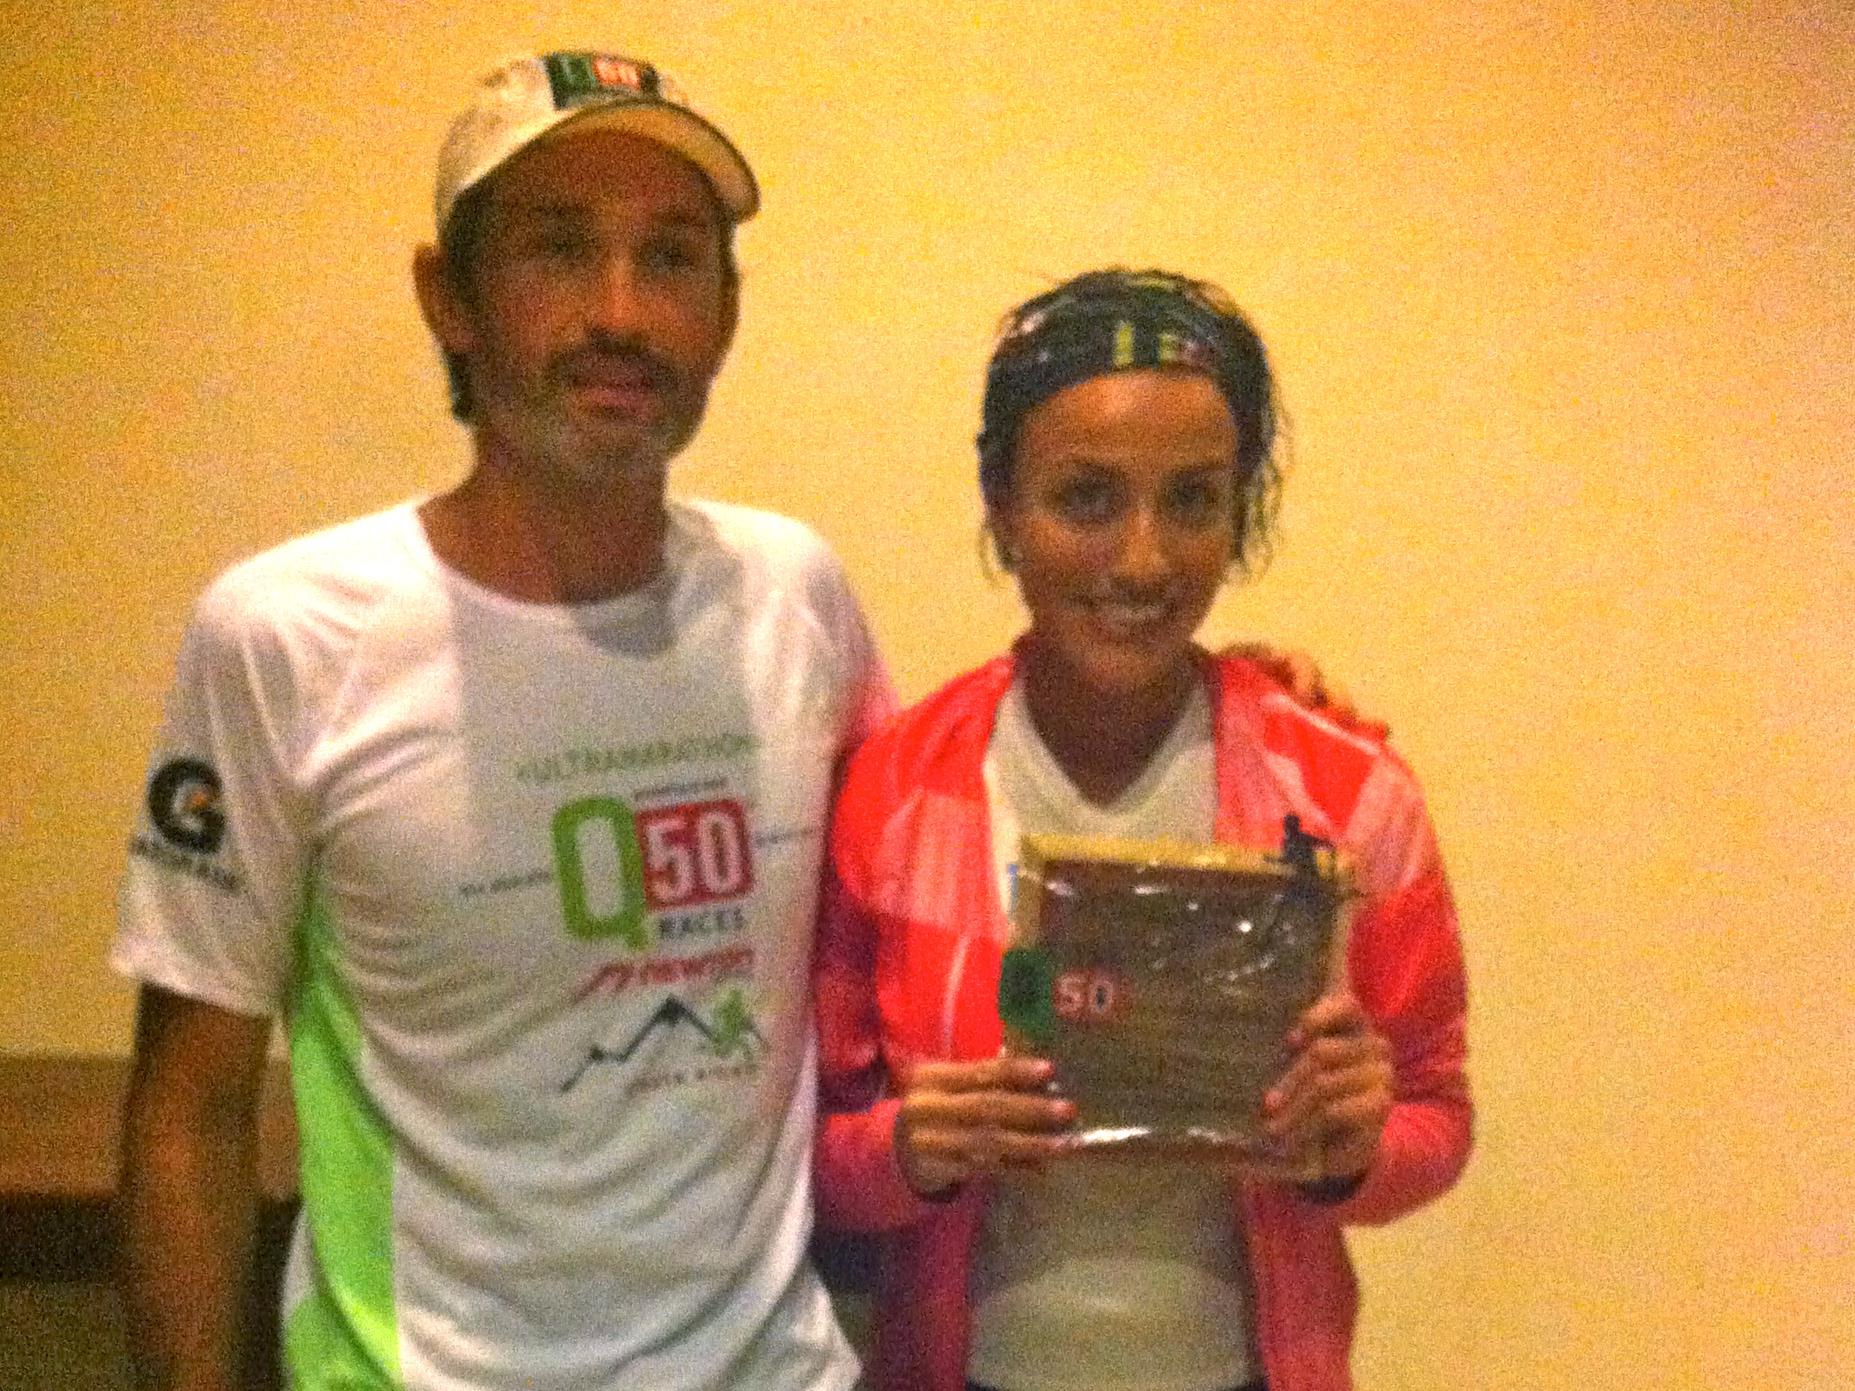 Isis Breiter de Chiapas, 2do. lugar en el Ultramaratón Q50 Costa Rica su historia